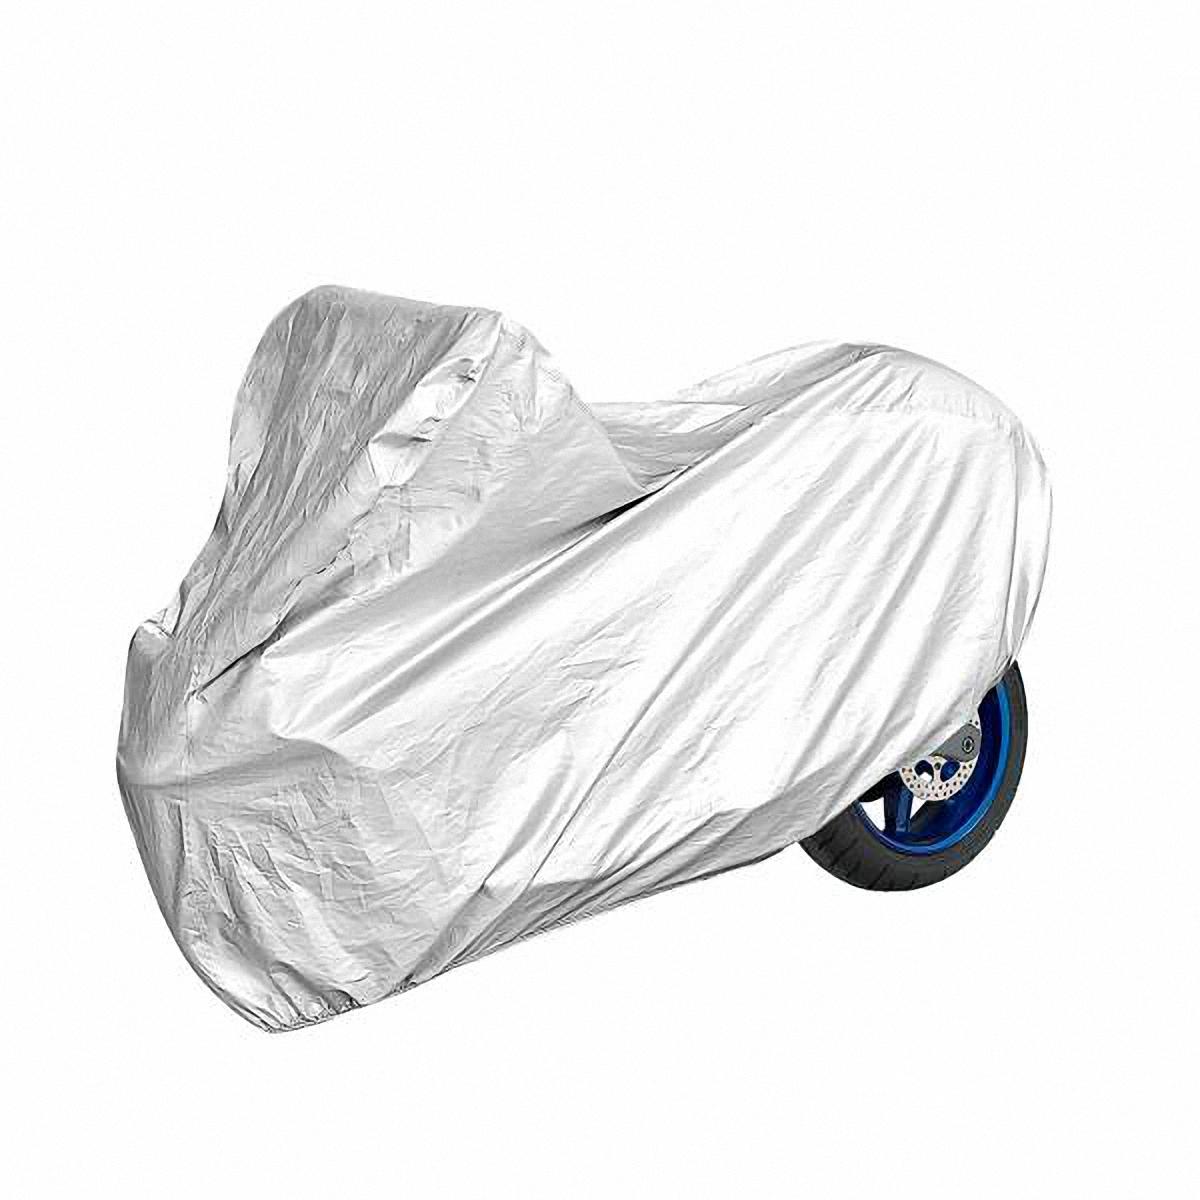 Чехол-тент на мотоцикл Skyway, 228 х 99 х 119 см. Размер LCA-3505Чехол-тент на мотоцикл Skyway позволит защитить кузов вашего транспортного средства от коррозии и загрязнений во время хранения или транспортировки, а вас избавит от необходимости его частого мытья. Чехол-тент предохраняет лакокрасочное покрытие кузова, стекла и фары вашего мотоцикла от воздействия прямых солнечных лучей и неблагоприятных погодных условий, загрязнений. Легко и быстро надевается на мотоцикл, не царапая и не повреждая его.Изготовлен из высококачественного полиэстера. В передней и задней части тента вшиты резинки, стягивающие его нижний край под передним и задним бамперами. Обладает высокой влаго- и износостойкостью. Обладает светоотражающими и пылезащитными свойствами. Выдерживает как низкие, так и высокие температуры. Воздухопроницаемый материал. Состав: полиэстер. Размер: 228 х 99 х 119 см.